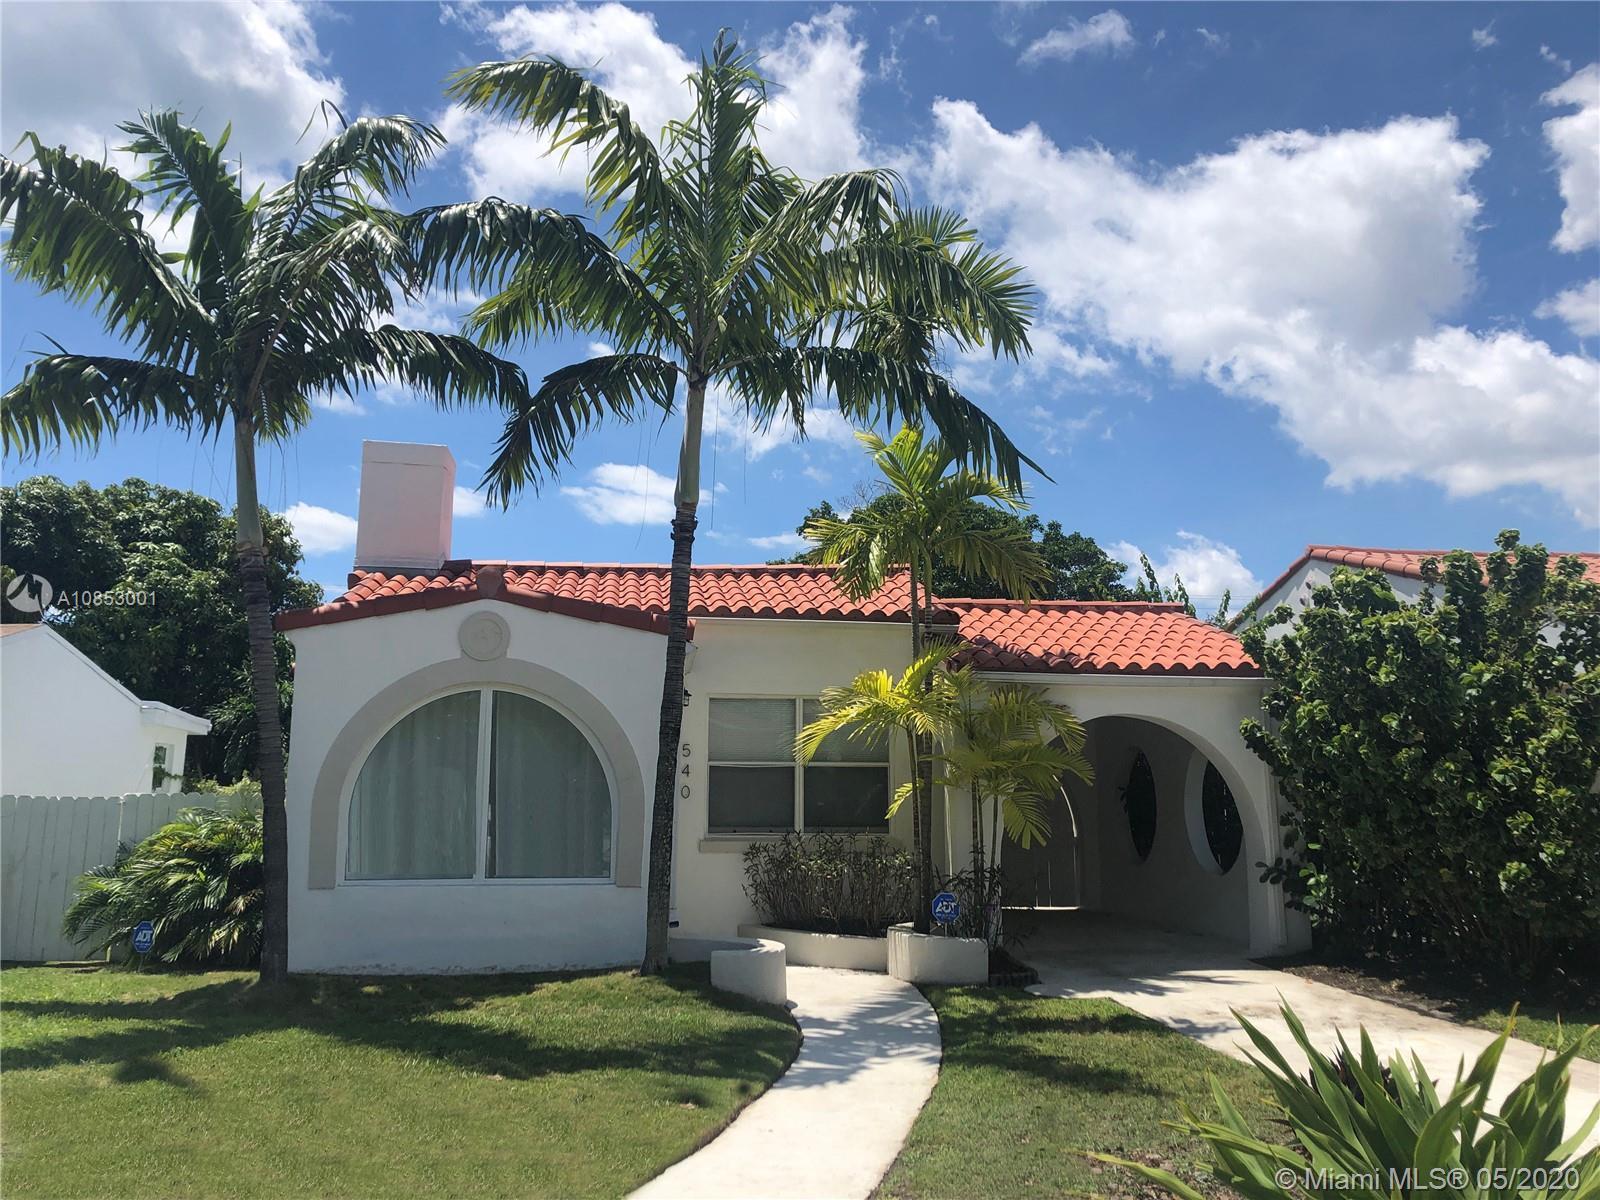 540 NE 74th St, Miami, Florida 33138, ,Residential Income,For Sale,540 NE 74th St,A10853001